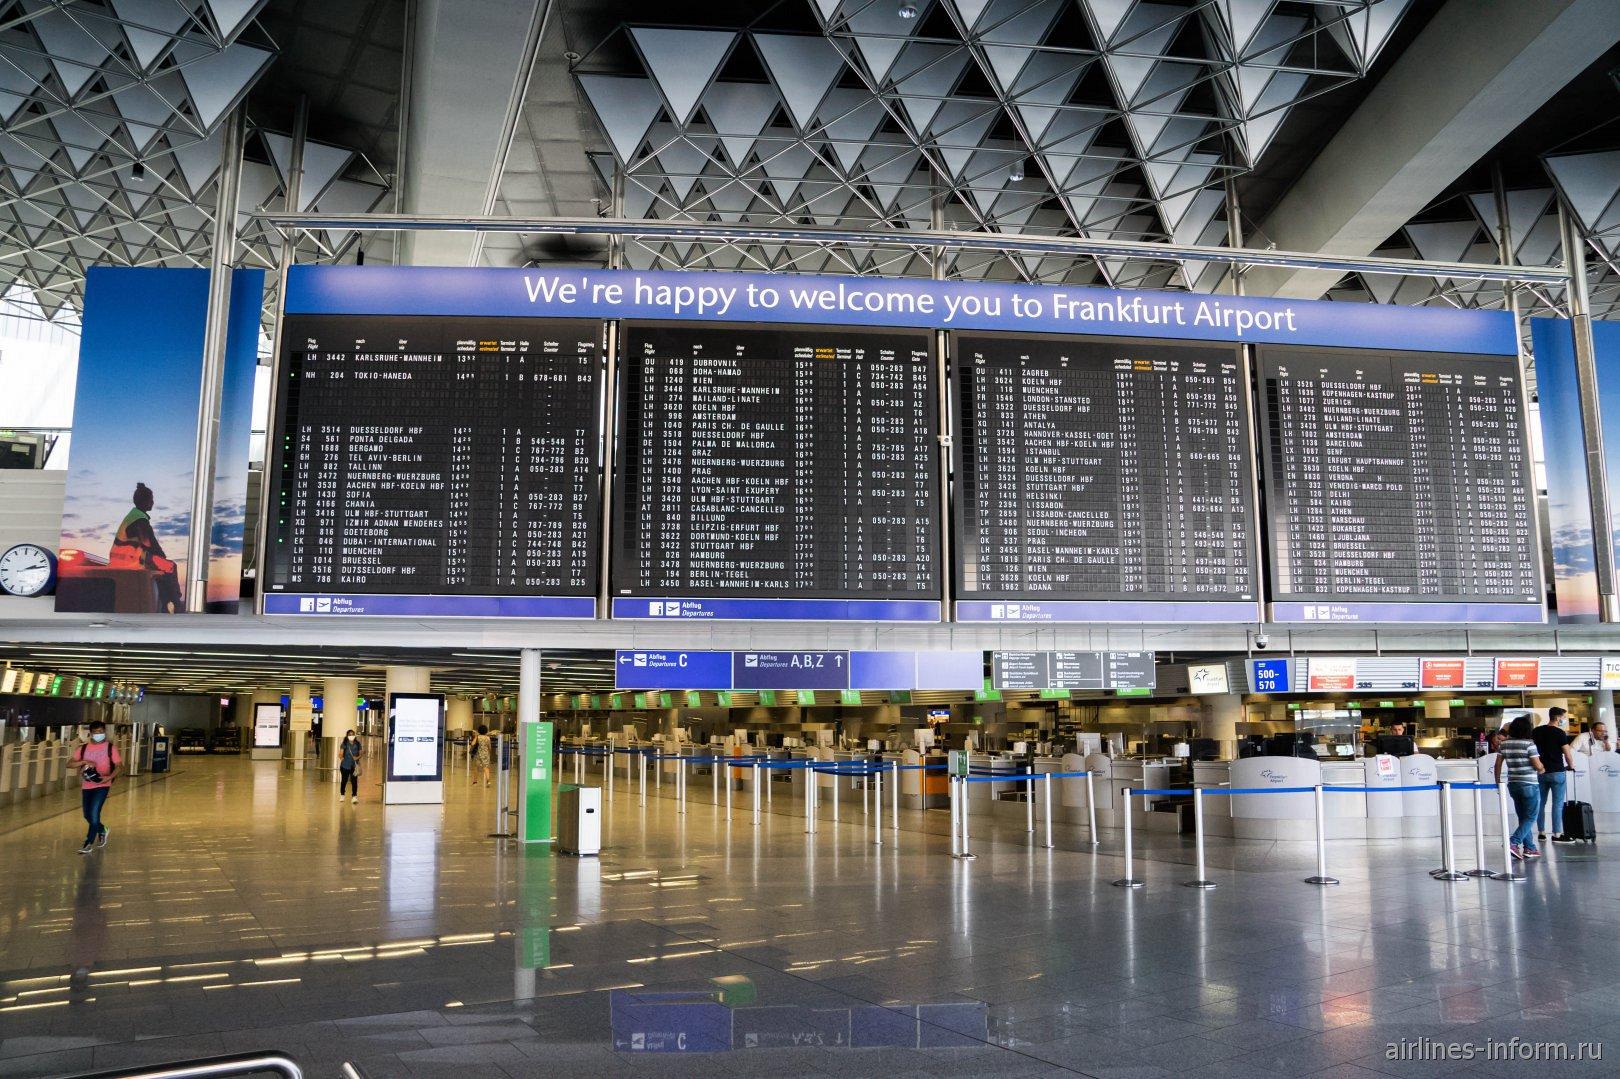 Центральное информационное табло в зоне регистрации терминала 1 аэропорта Франкфурт